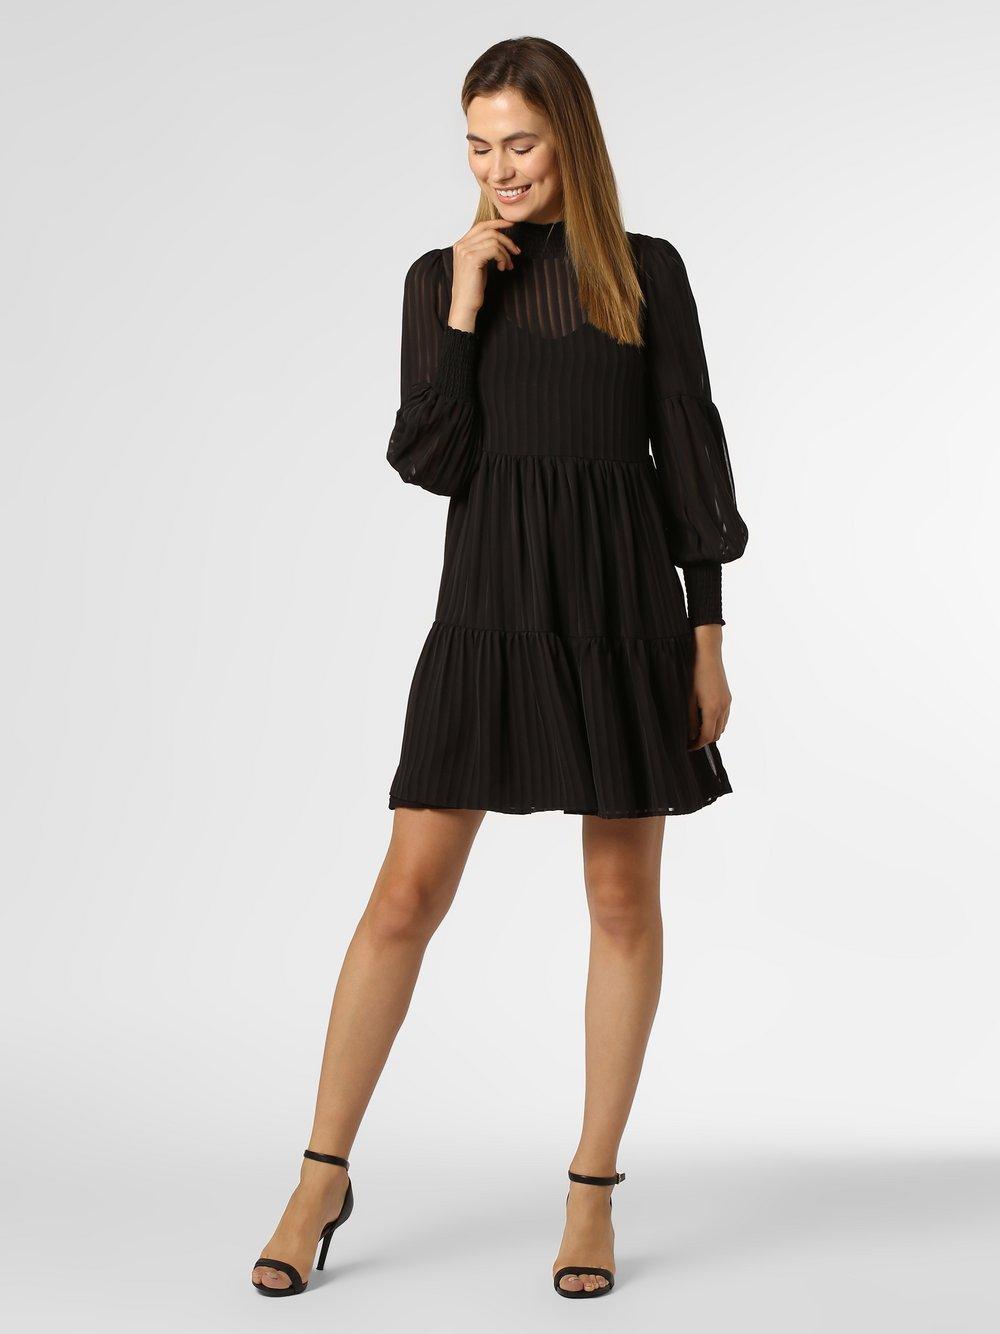 Y.A.S – Sukienka damska – Mackie, czarny Van Graaf 440054-0001-09960